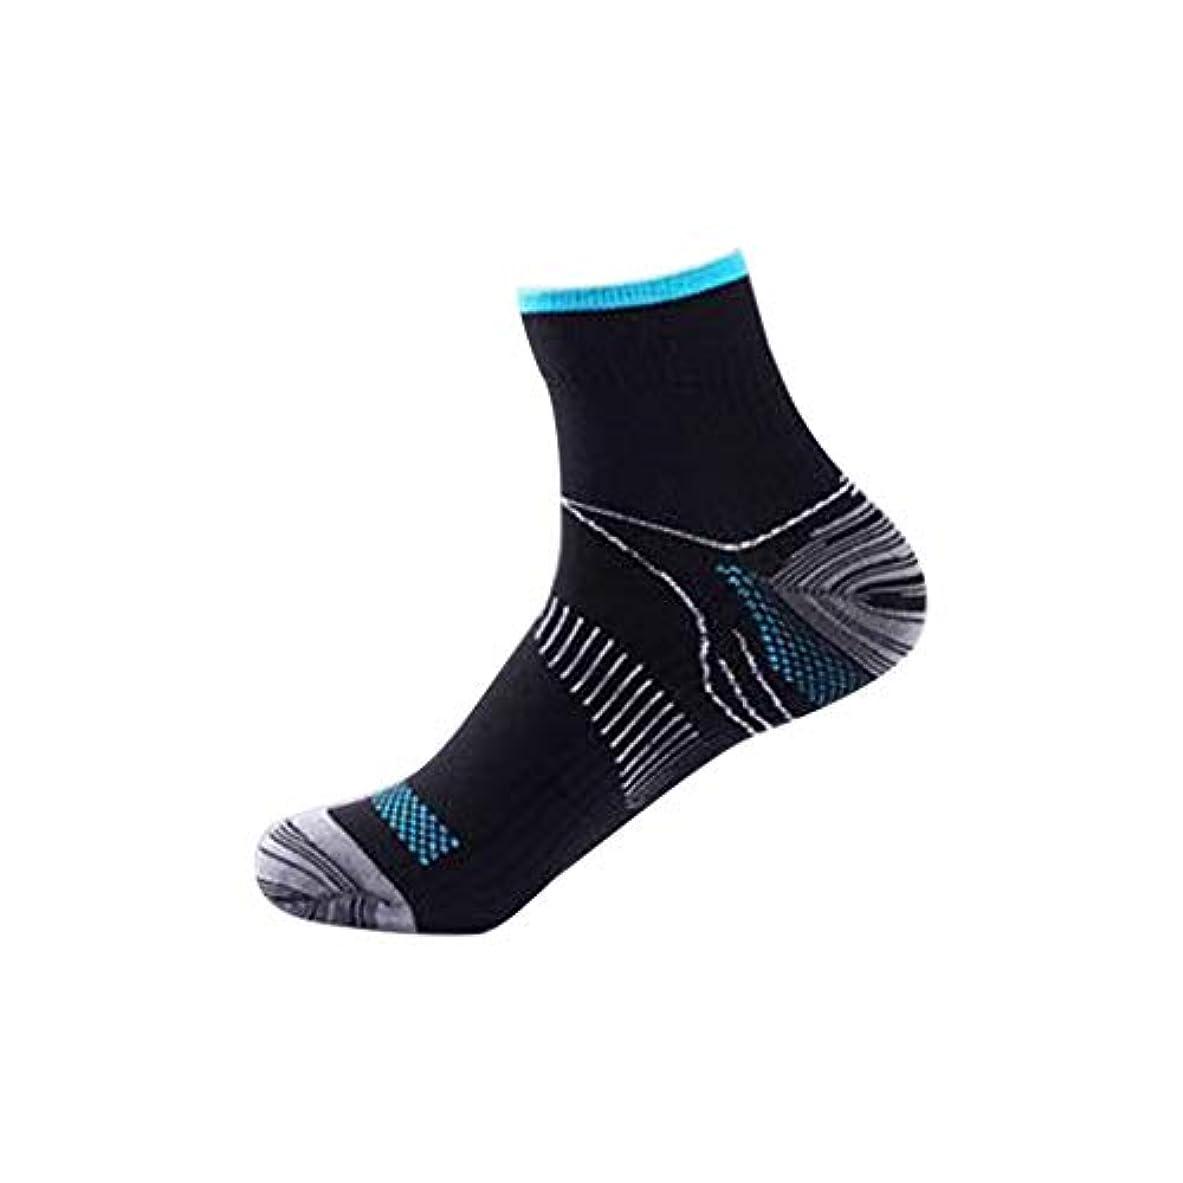 出会いバレーボールプレゼンテーション快適な男性の女性の膝の靴下のサポートストレッチ通気性の靴下の下の短いストレッチ圧縮の靴下